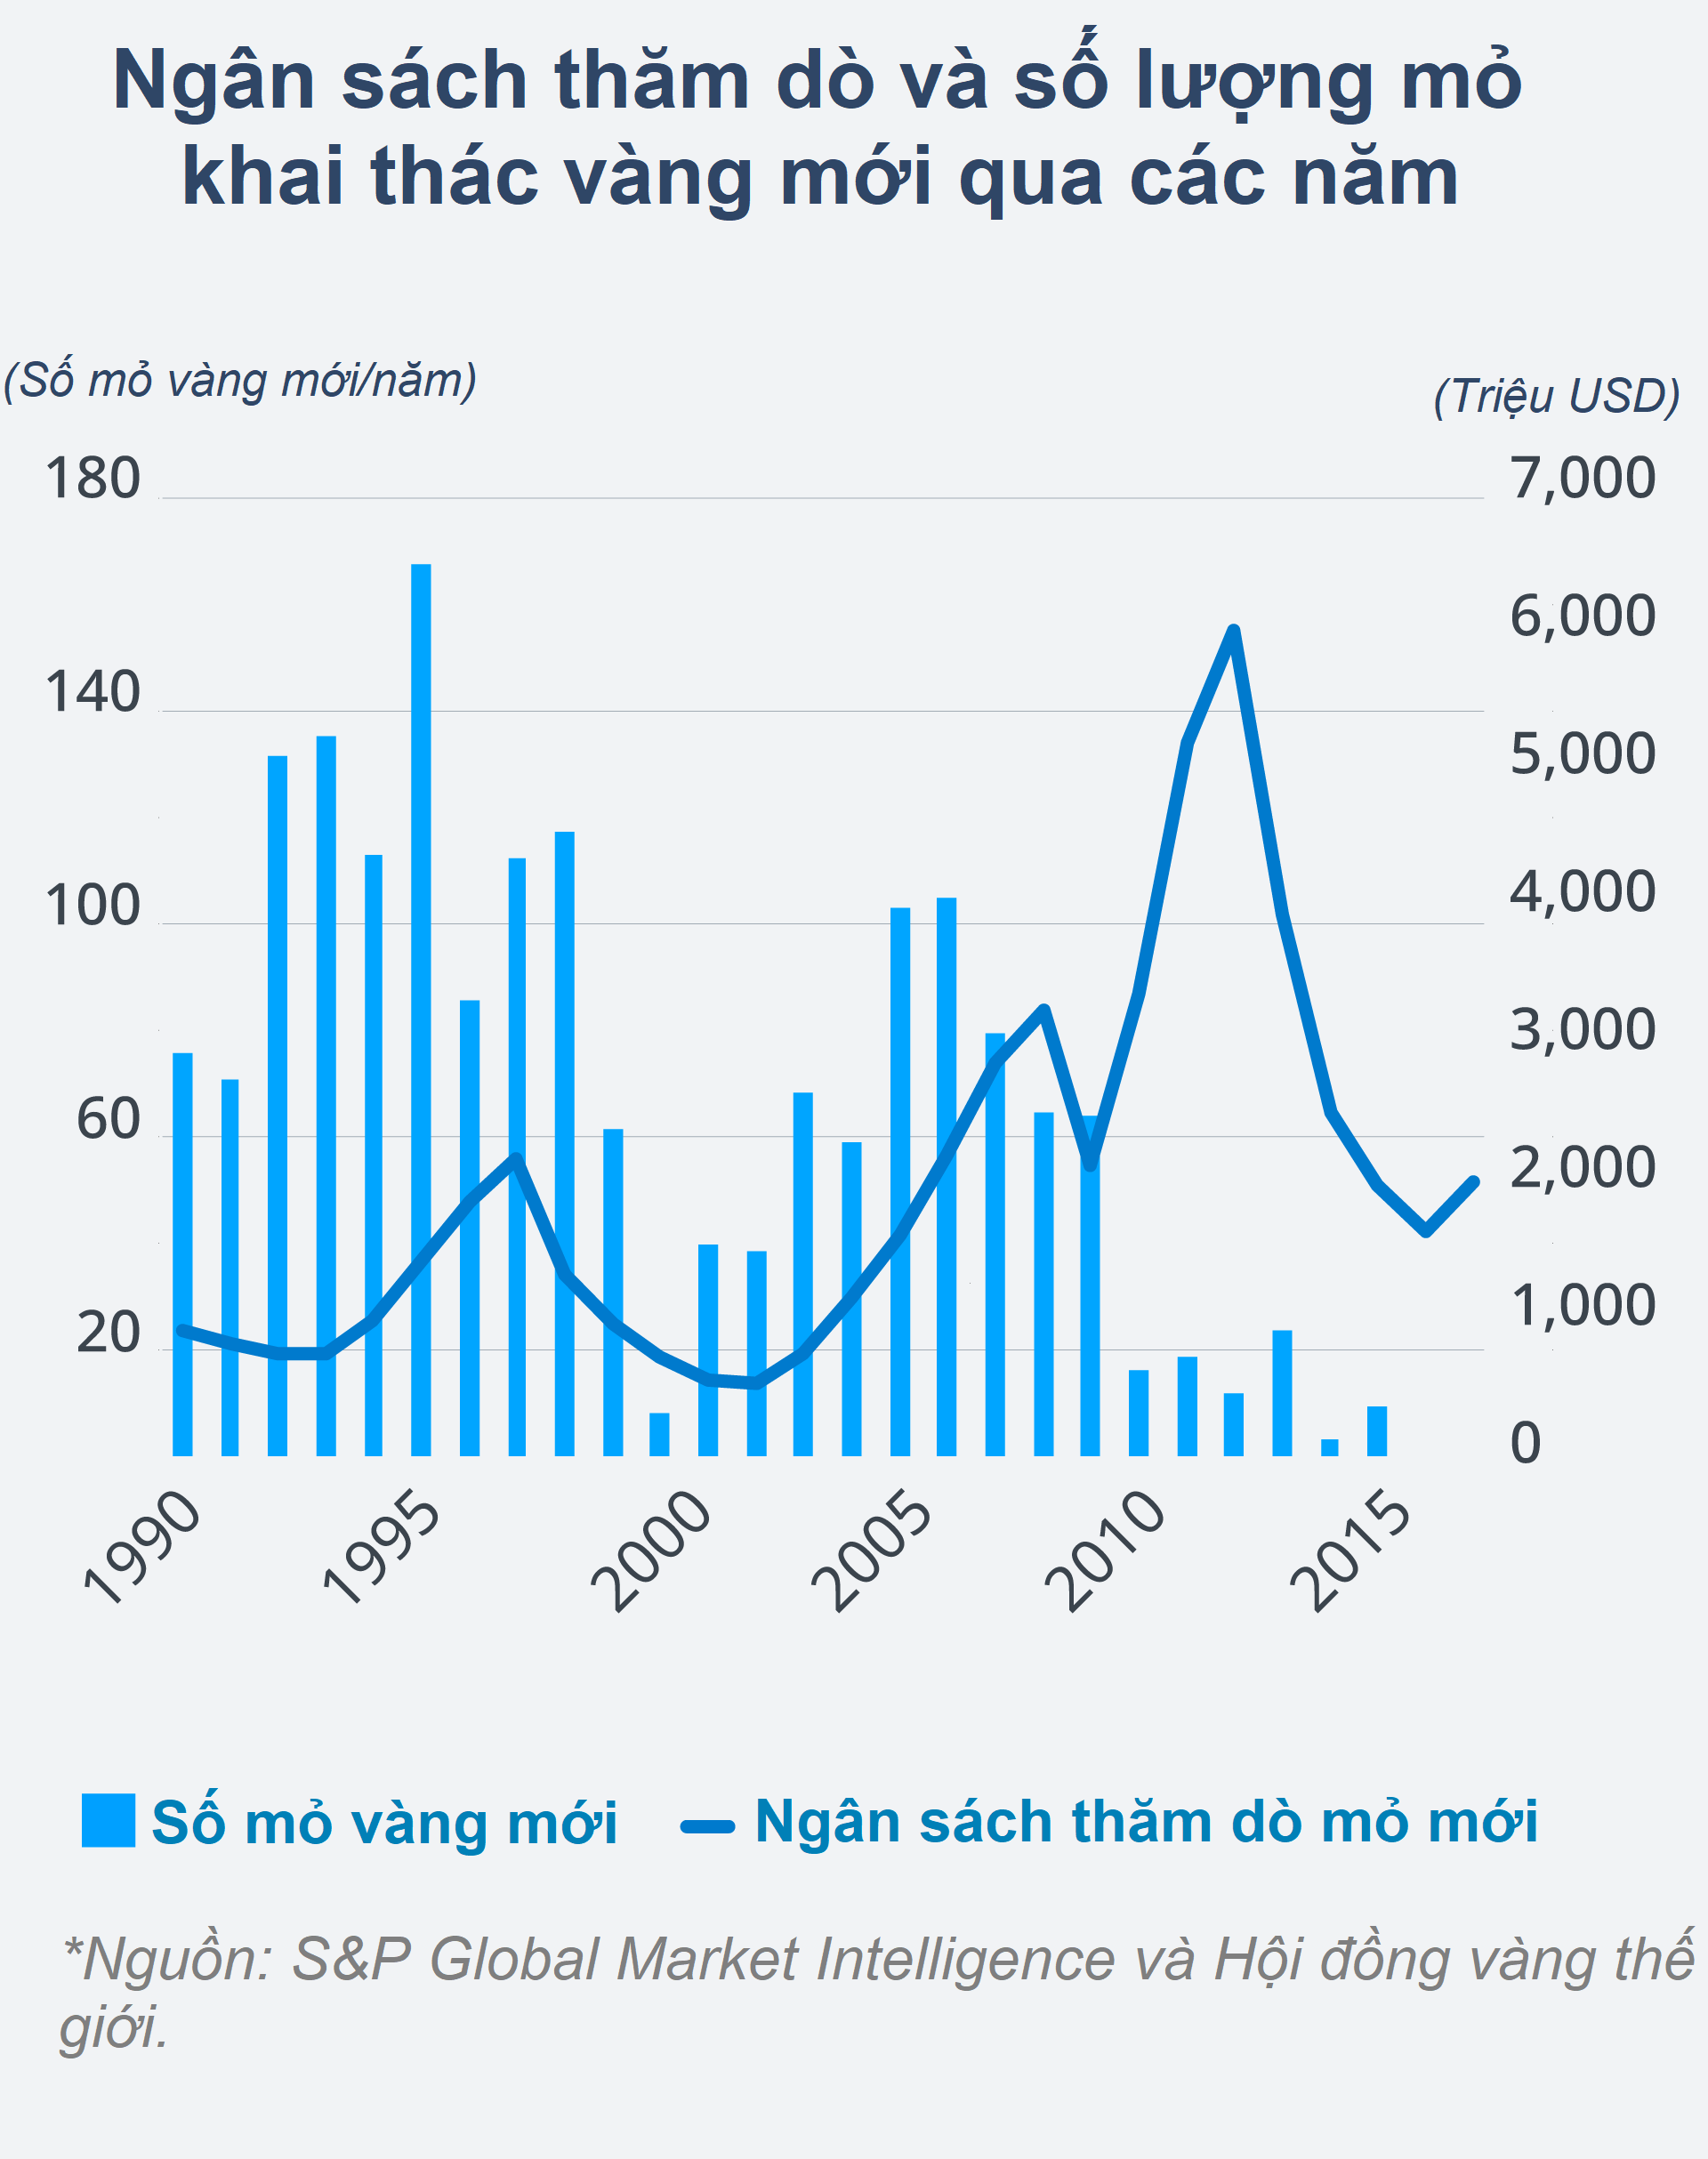 Giá vàng tăng kỉ lục liệu có vực dậy thời hoàn kim ngành khai thác kim loại quí? - Ảnh 2.